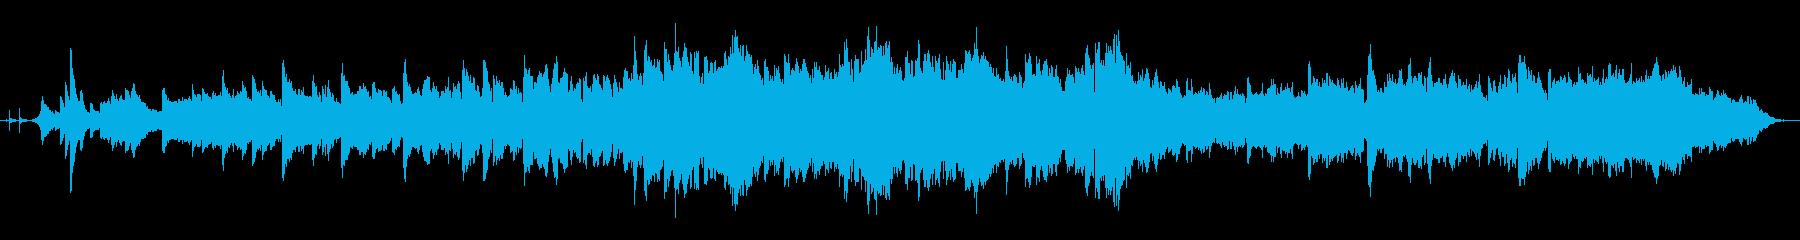 フルートとピアノの幻想的な風景BGMの再生済みの波形